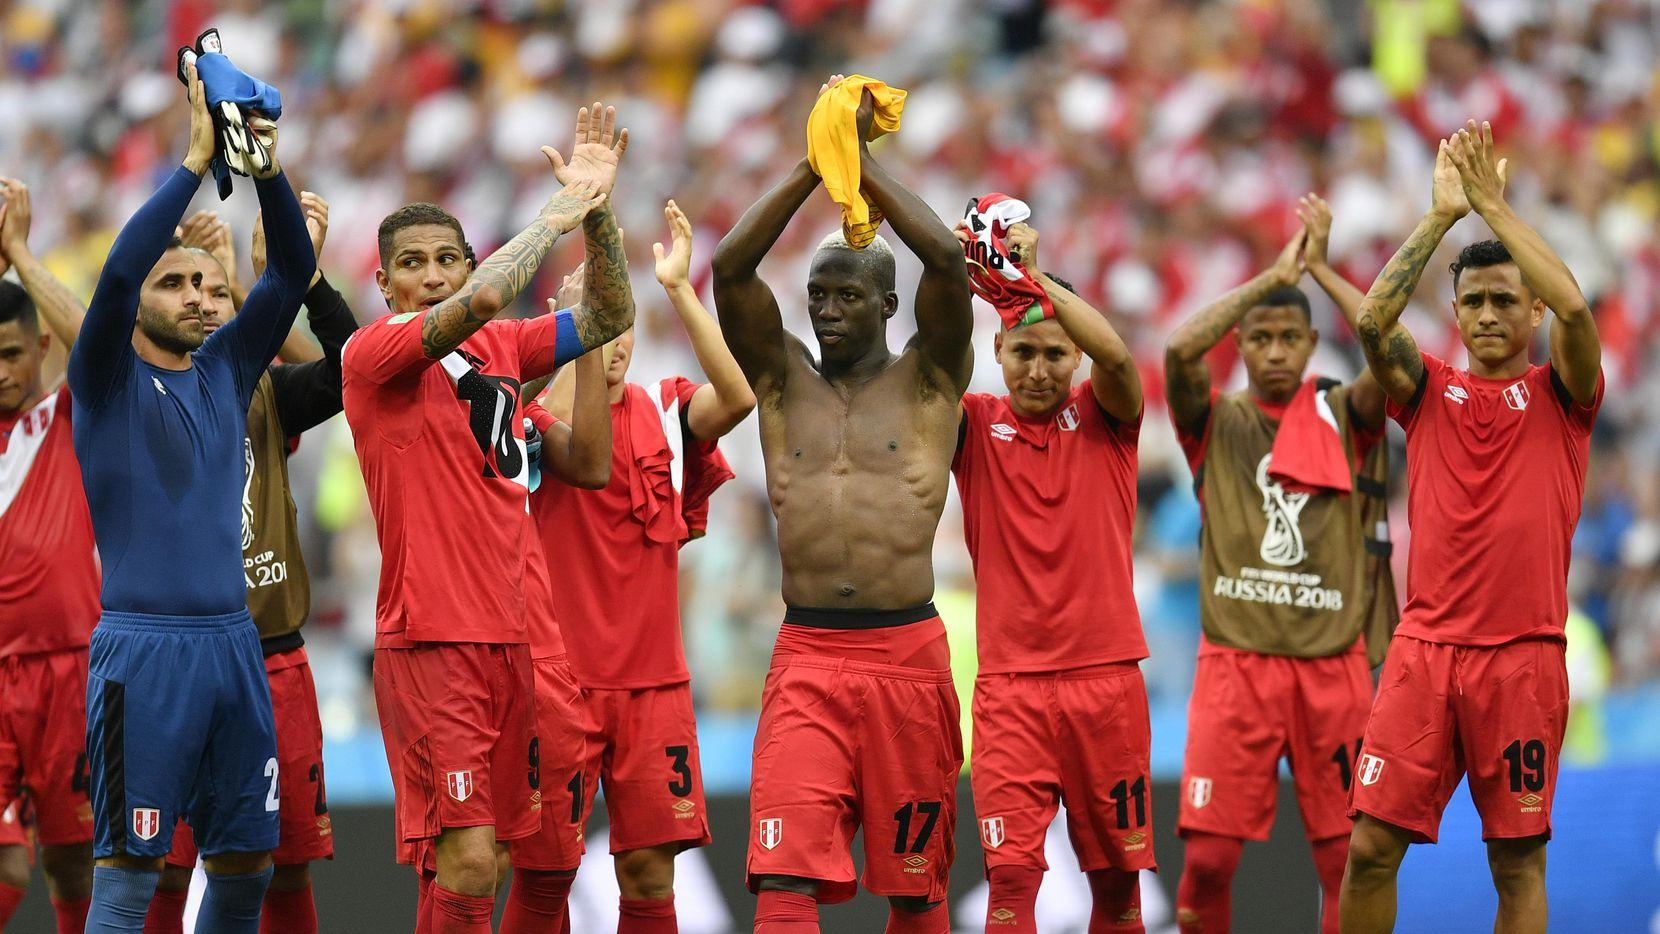 Jugadores de la selección peruana aplauden a los miles de aficionados de su país que viajaron para apoyarlos durante el Mundial. (AP/Martin Meissner)